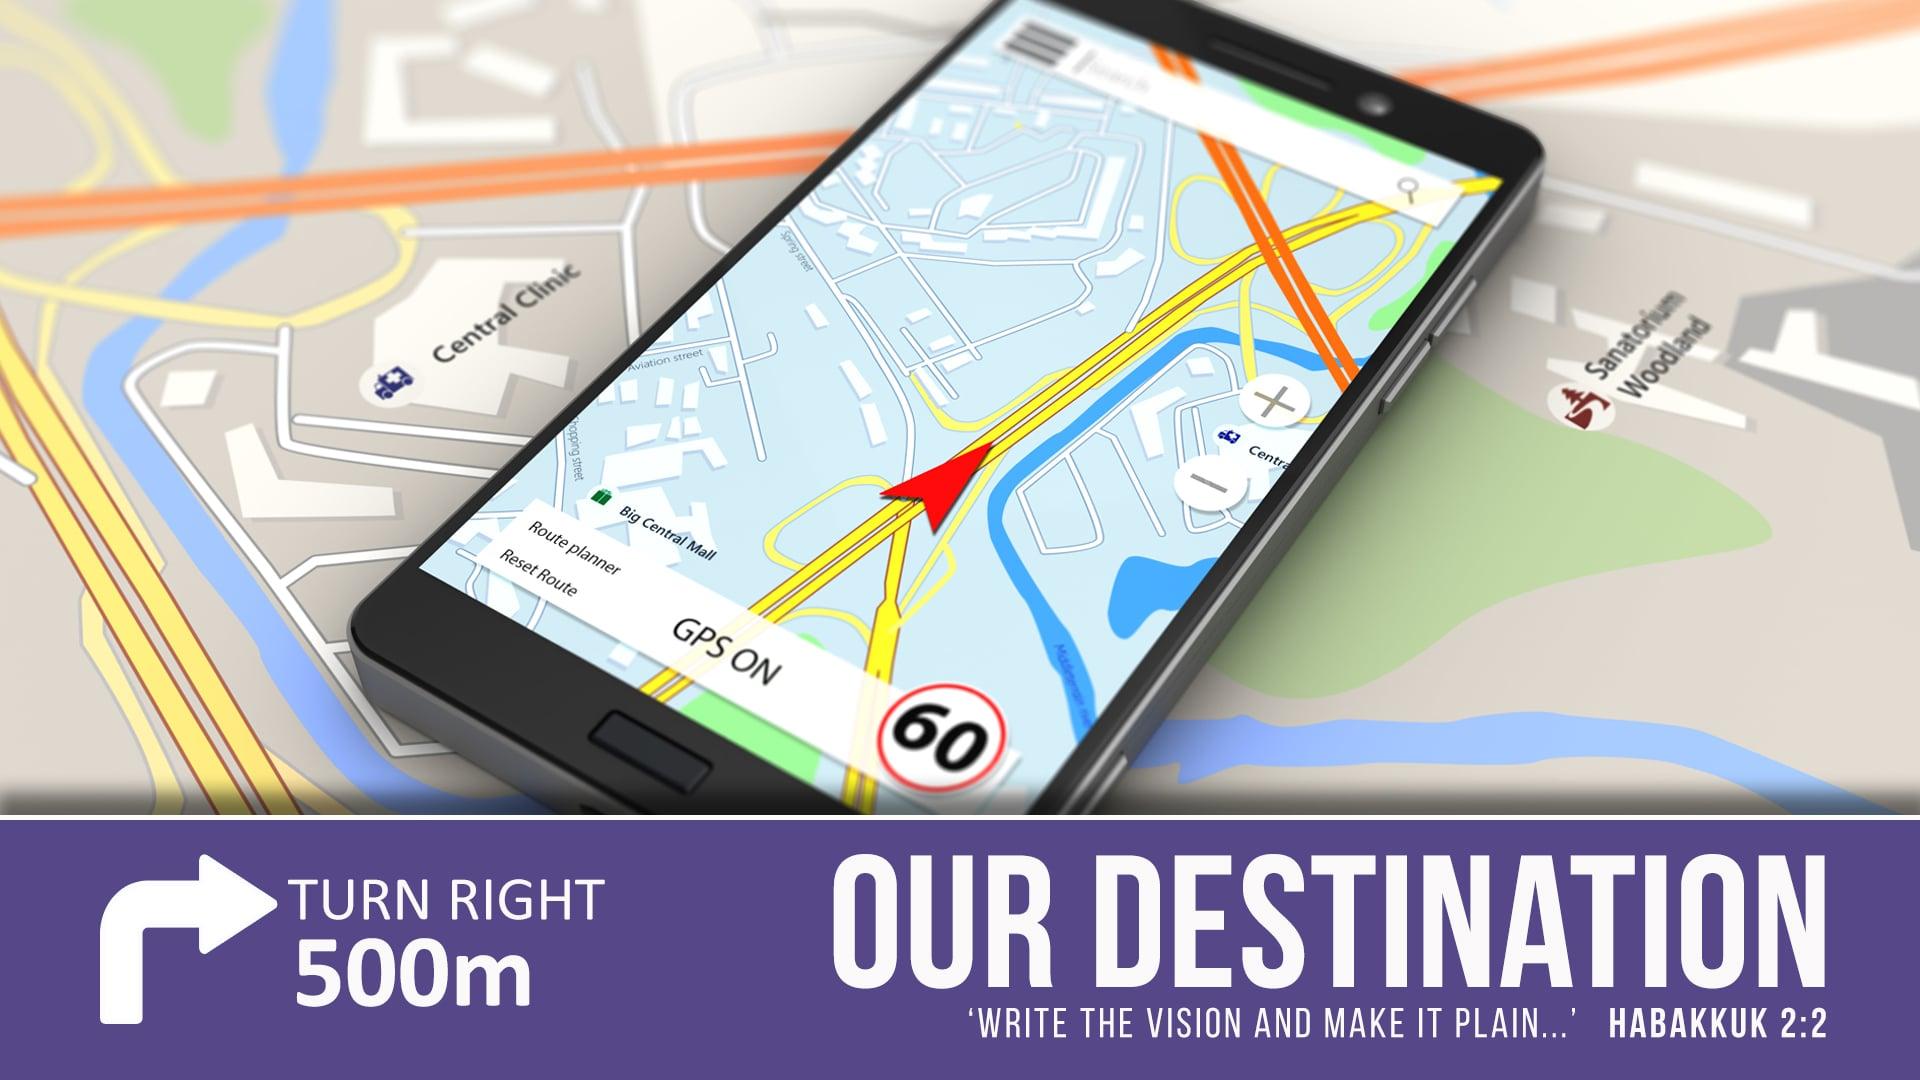 Our Destination - Part 4